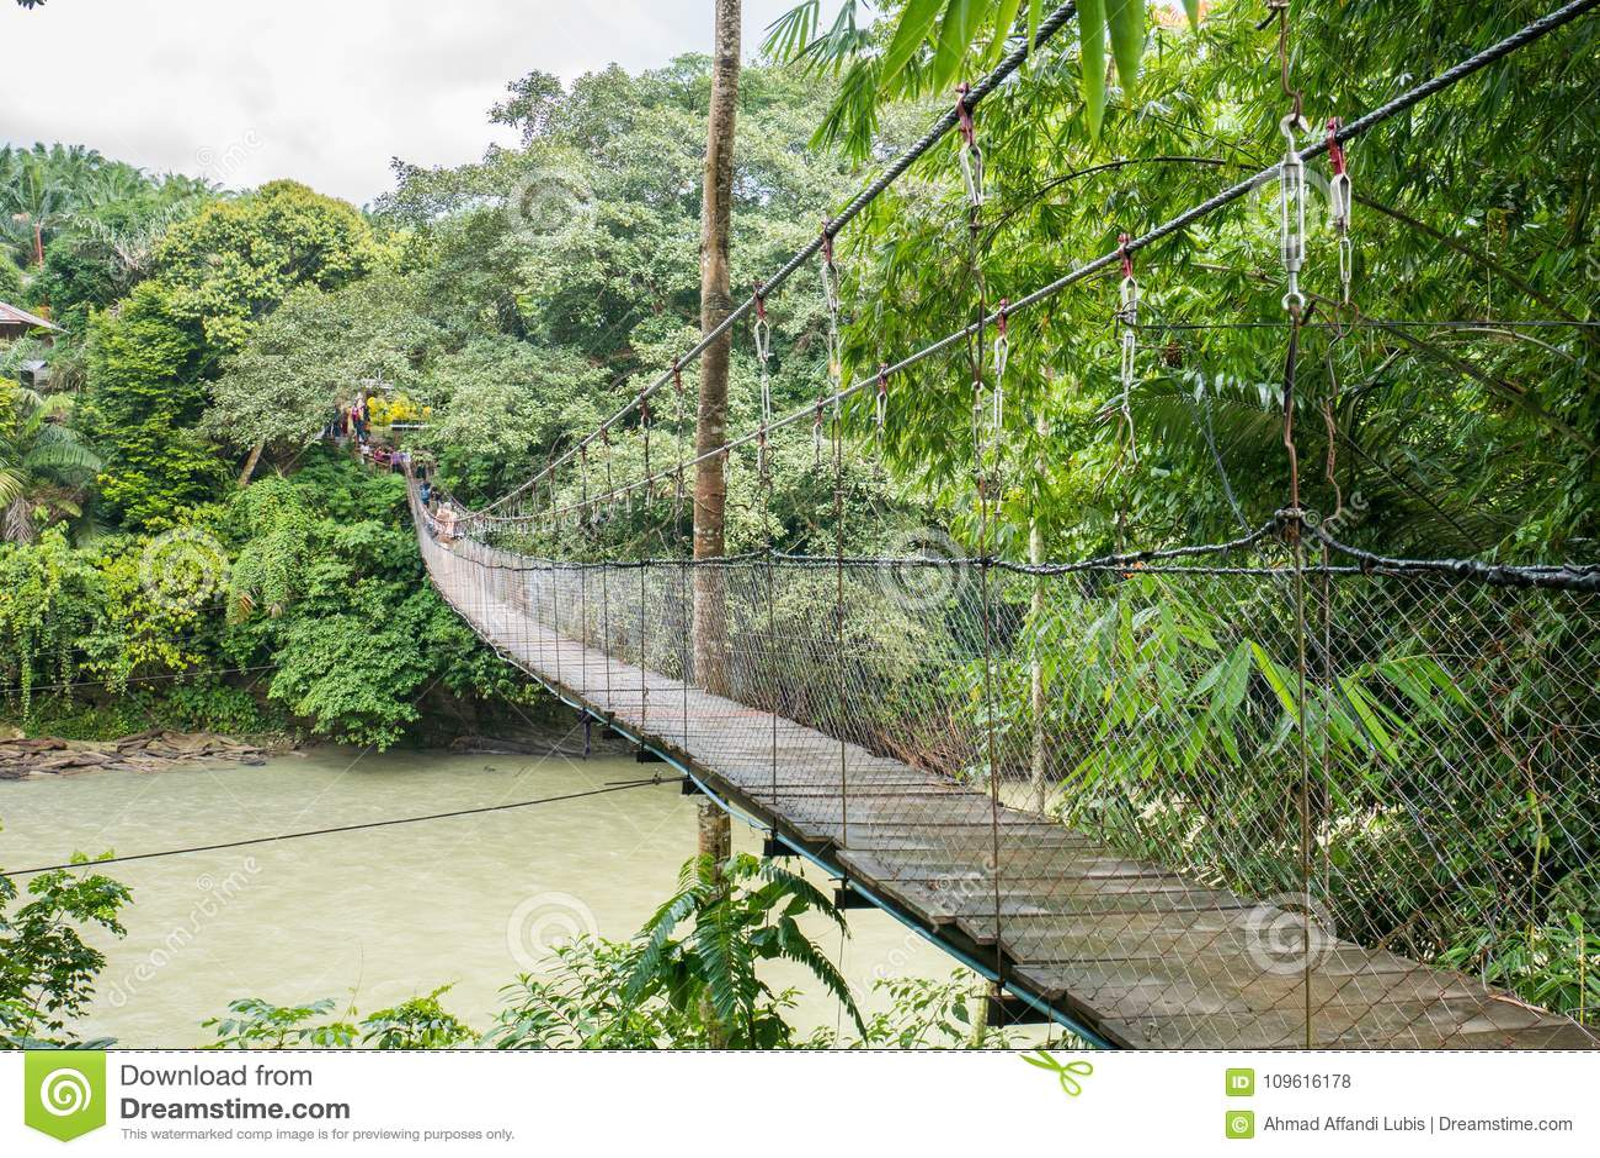 Suspension Bridge Across Tangkahan River in Tangkahan, Indonesia